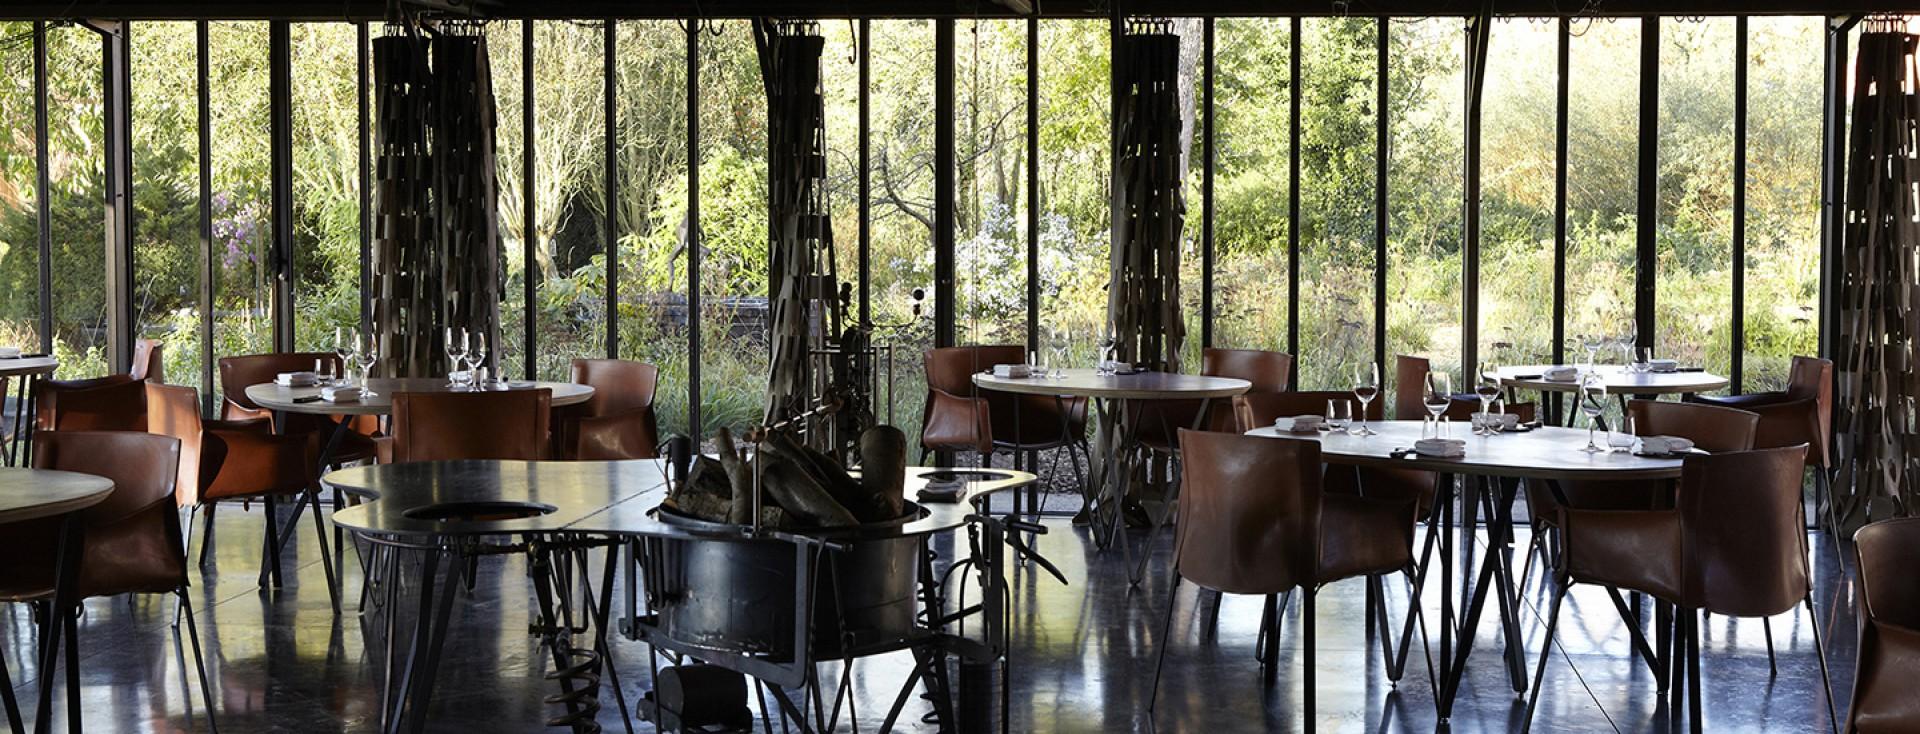 La grenouill re h tel de luxe la madelaine sous for Hotel avec restaurant